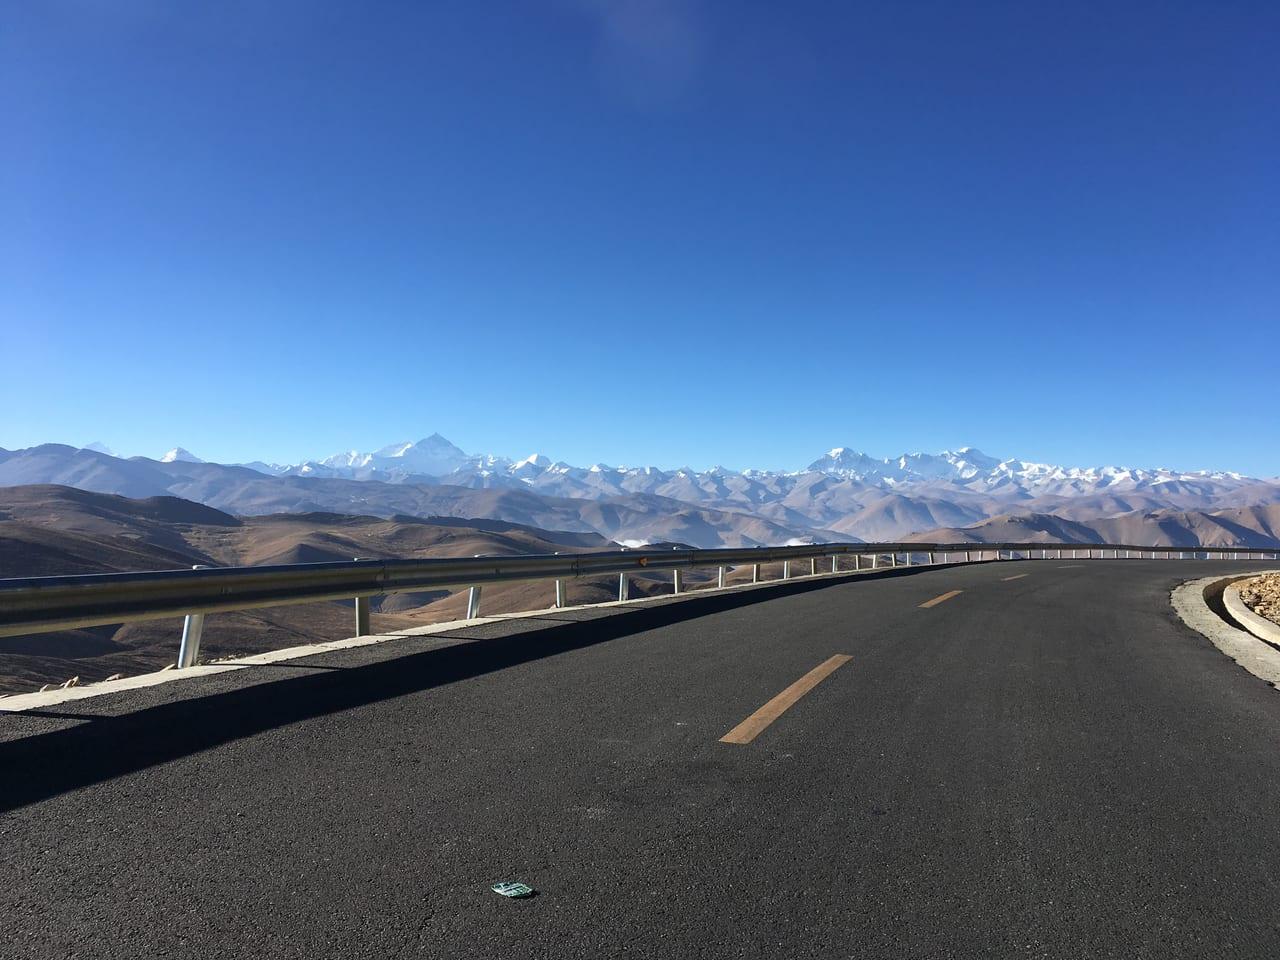 パンラ峠の直下からは8,000m峰がずらりと並びます